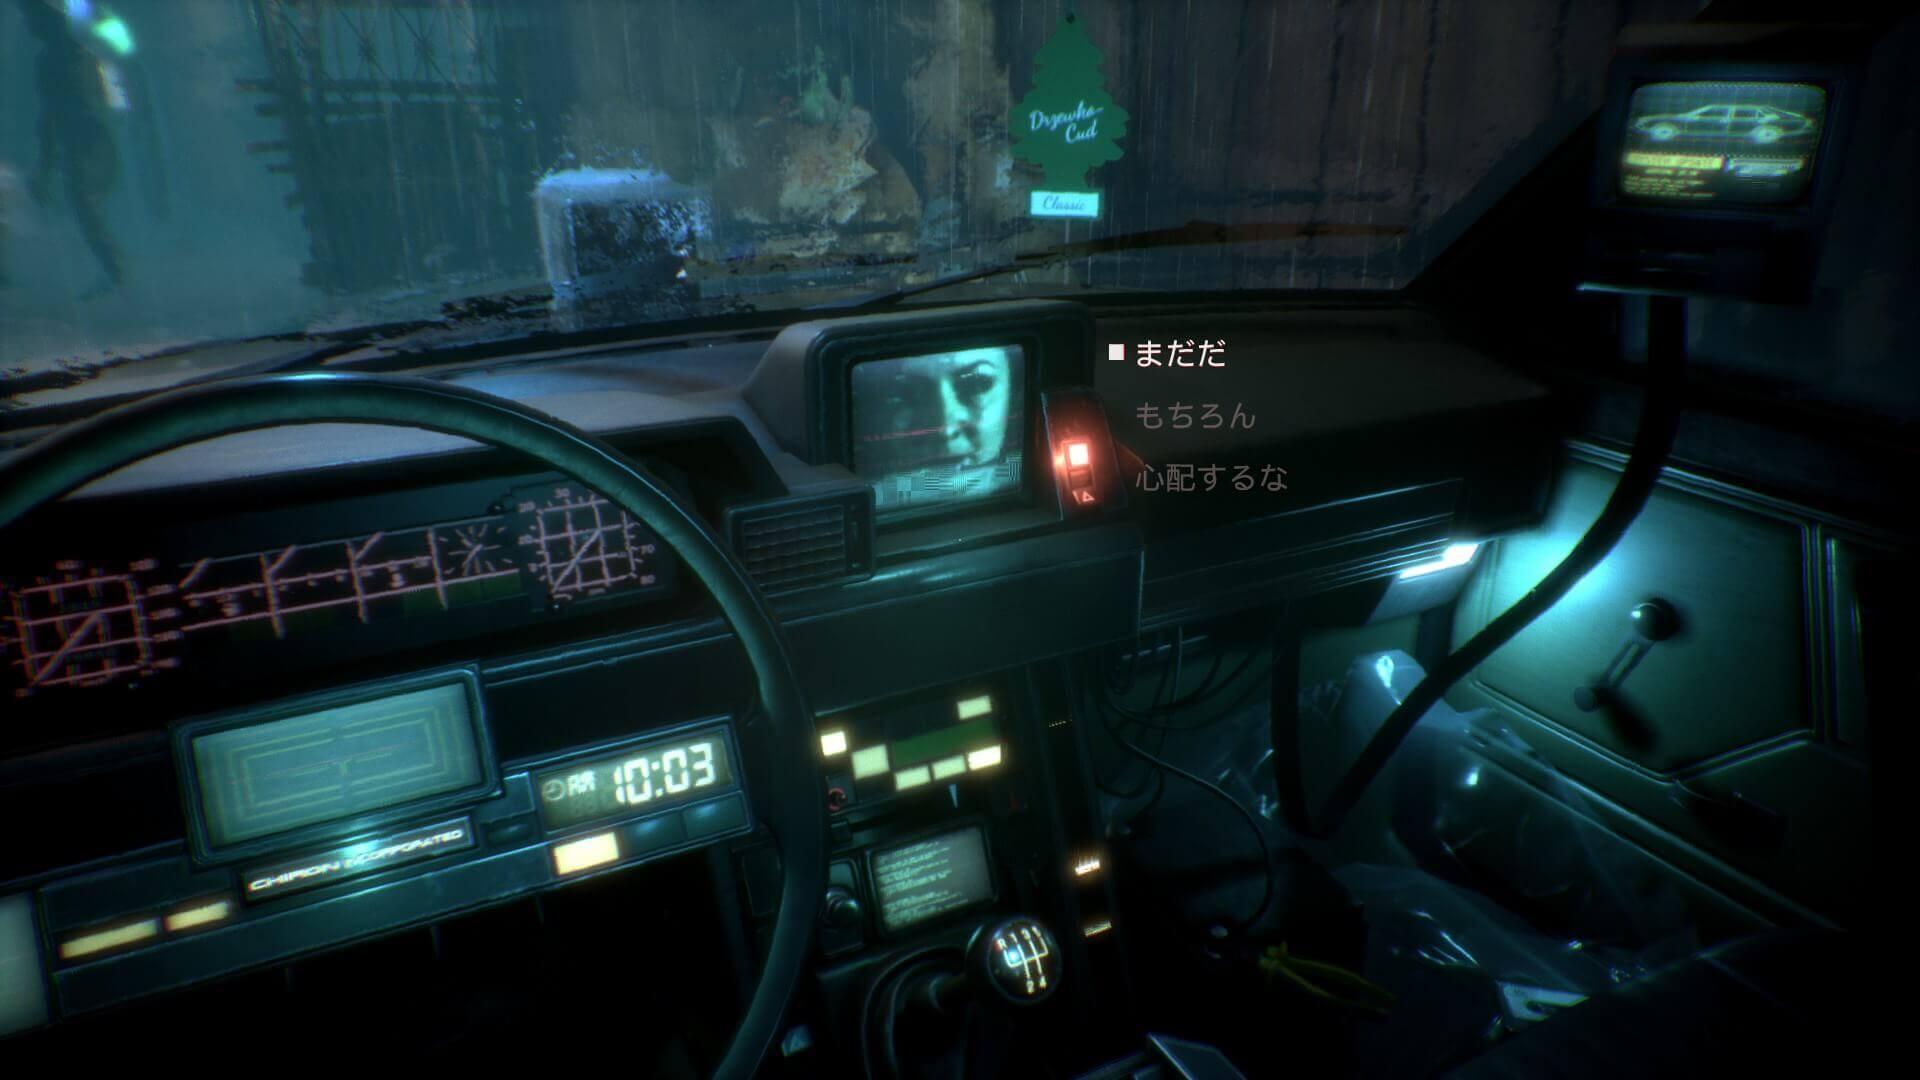 サイバーパンク感溢れる車内。ブレードランナー的な近未来空間が魅力的である。